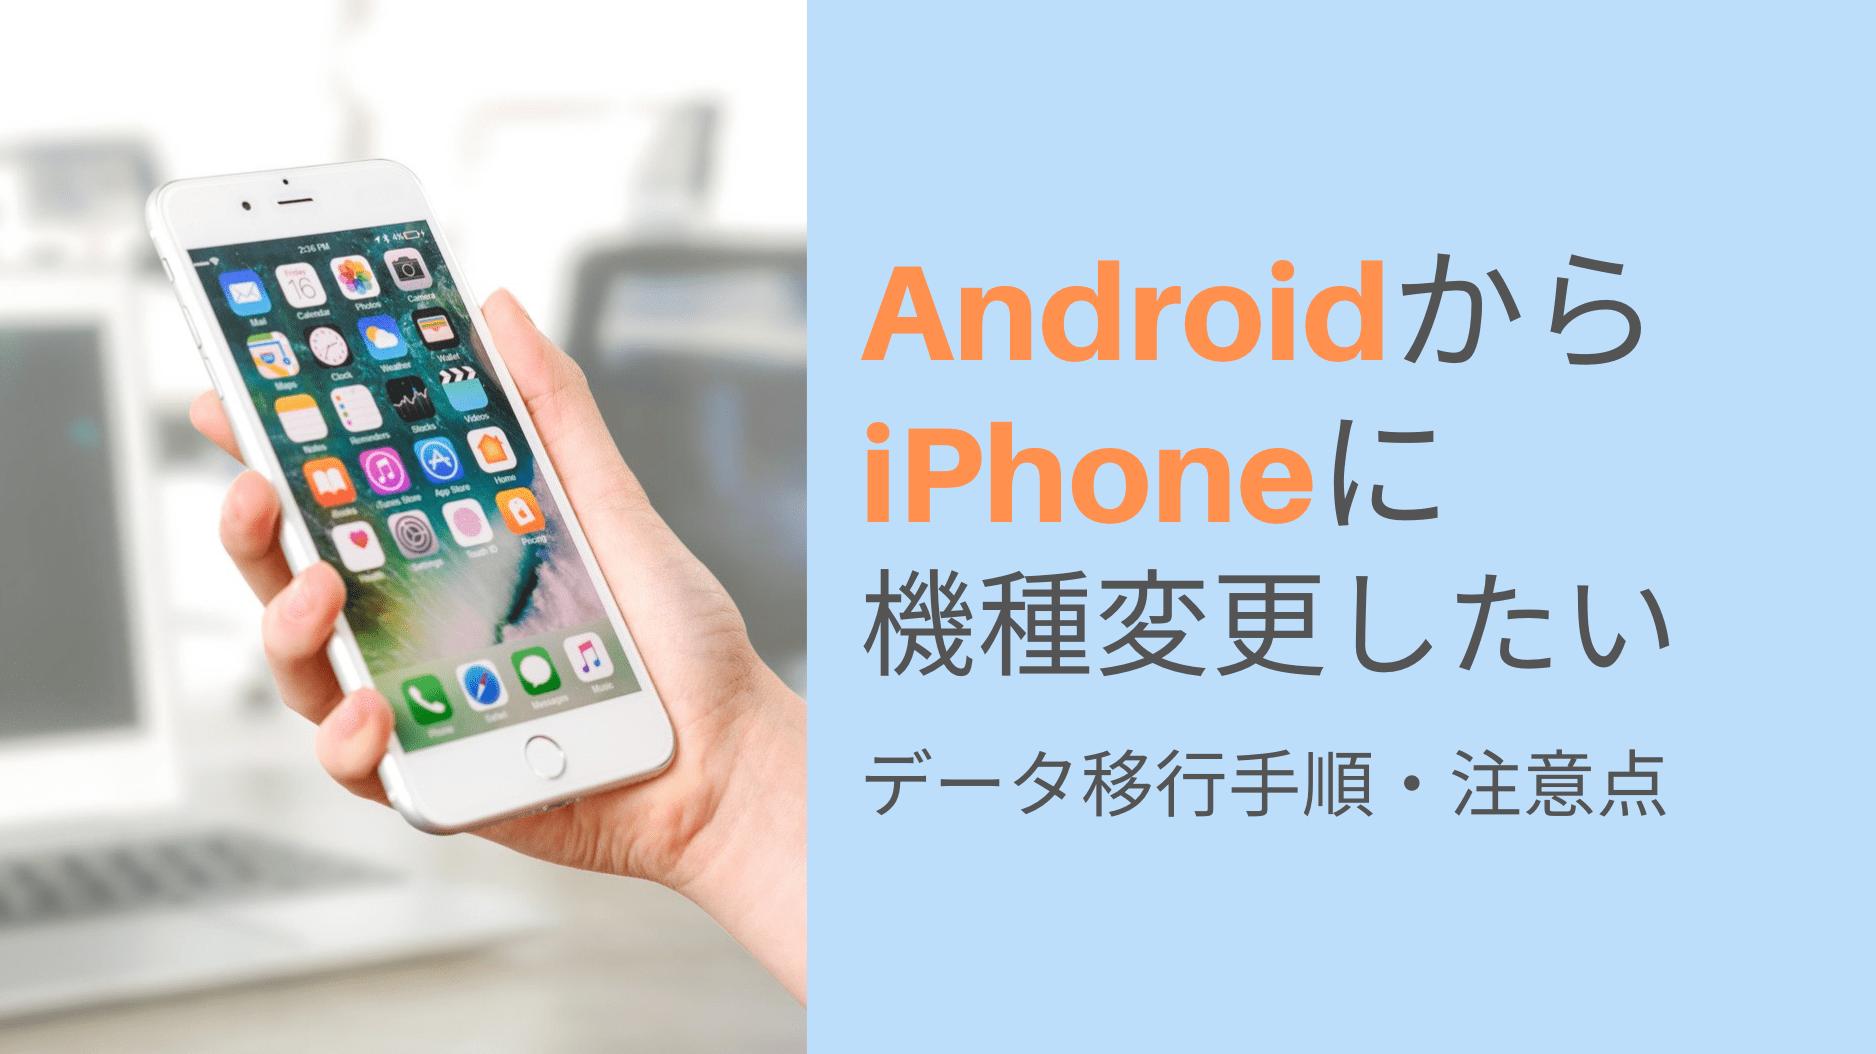 AndroidからiPhoneに機種変更する手順・注意点!LINE・アプリ・写真のデータ移行方法